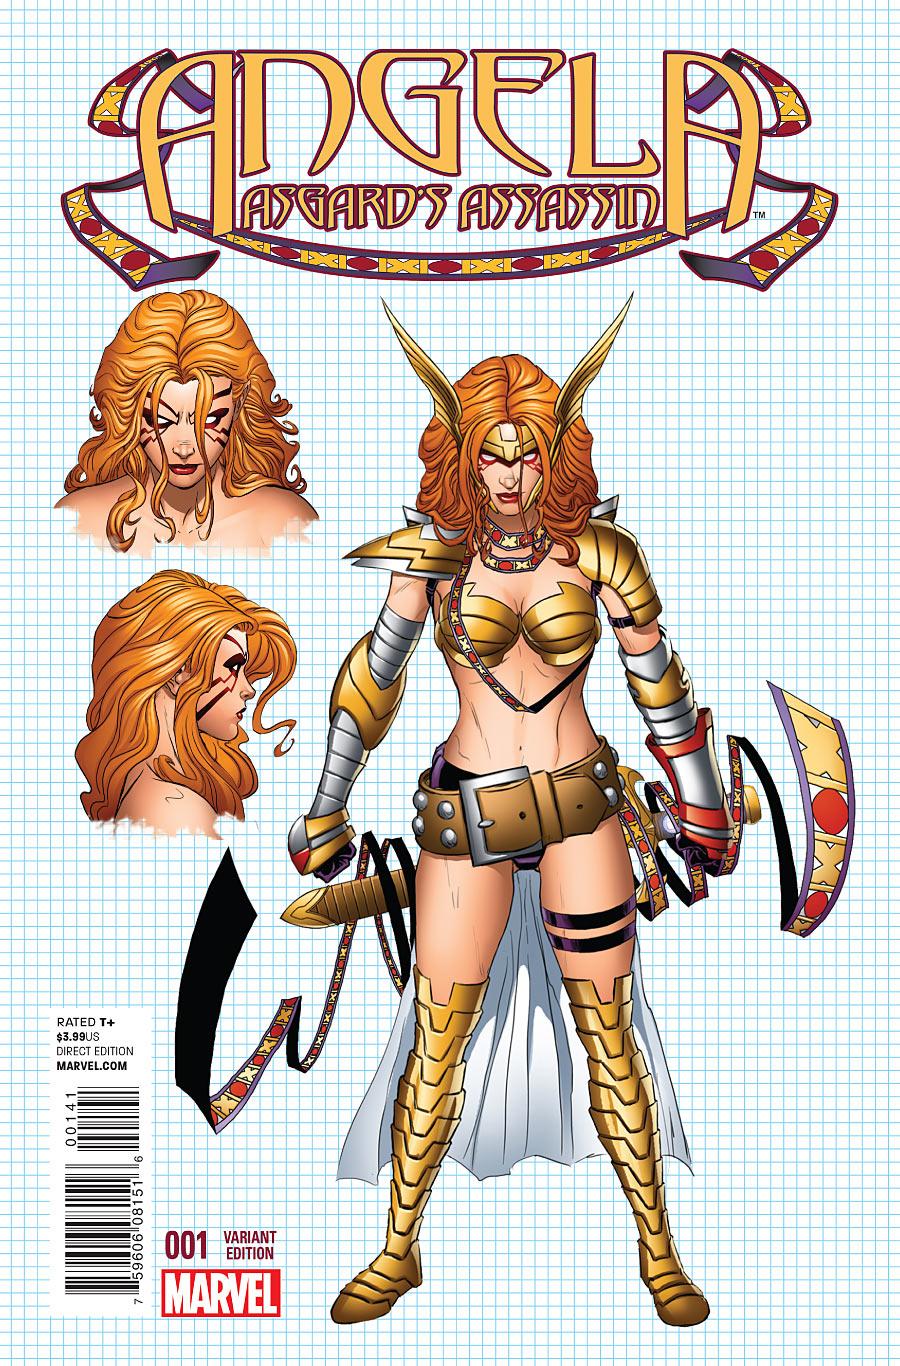 comic book storytelling asgardian women nerditis